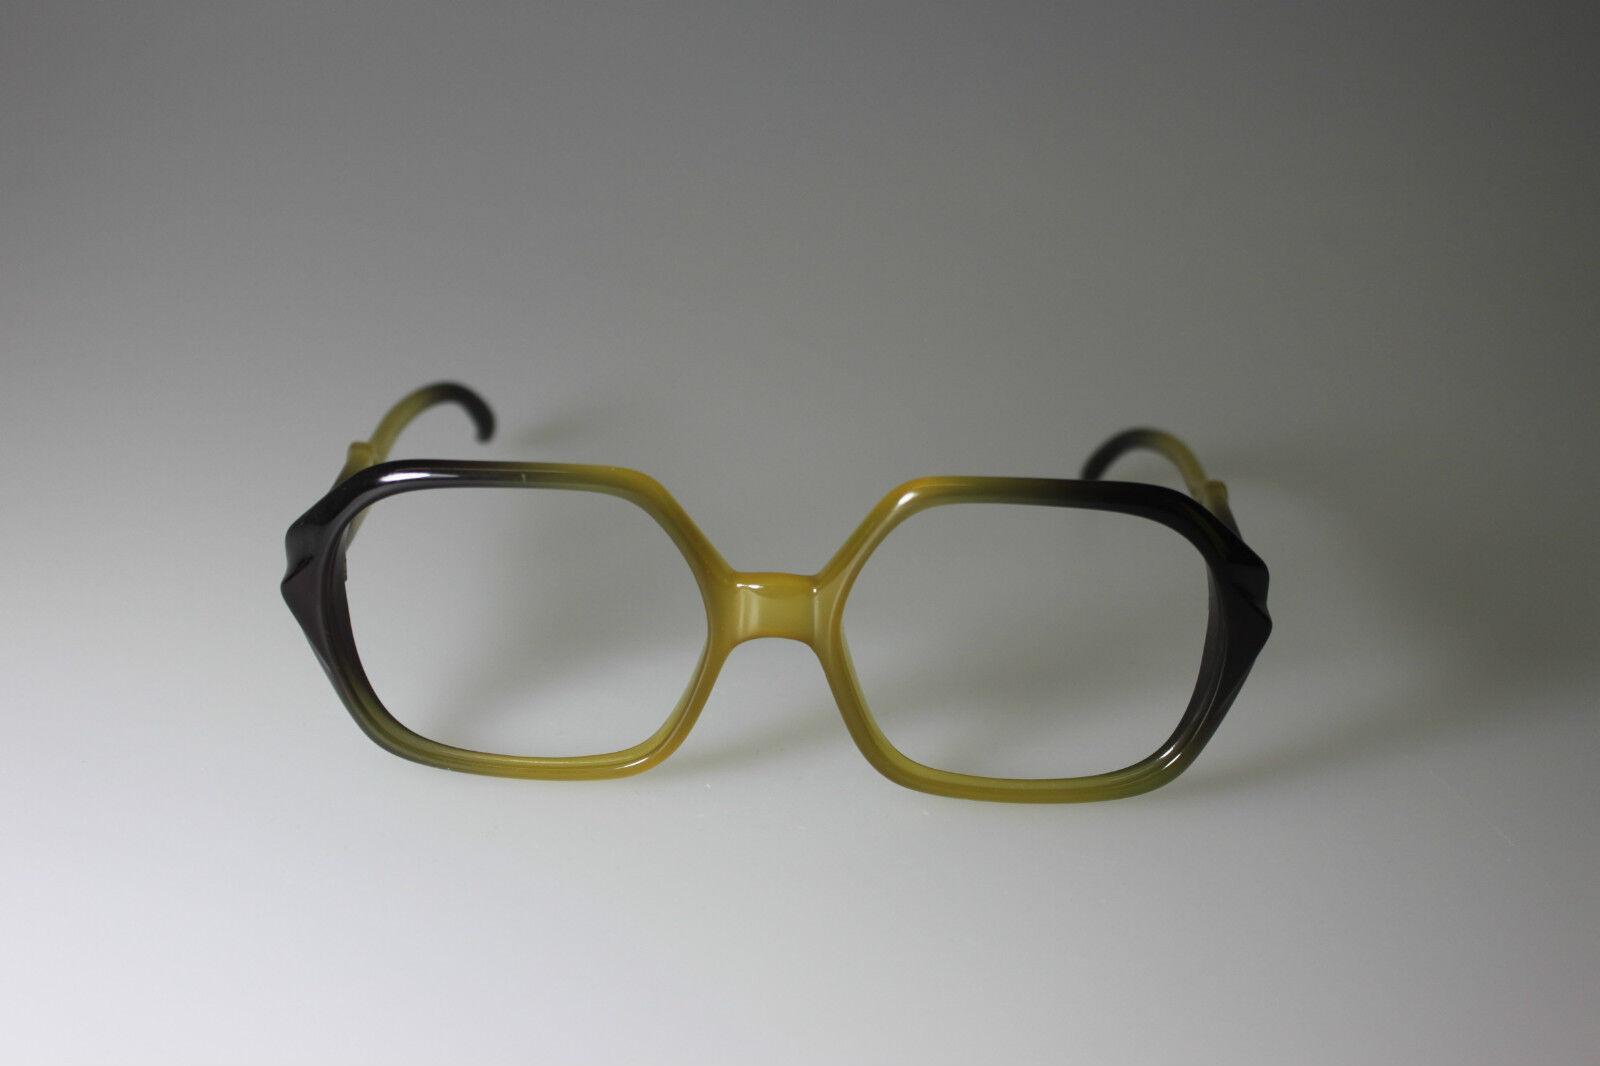 CHRISTIAN DIOR - 80ER DESIGNER BRILLE - Brillengestell Optyl- VINTAGE  | Verschiedene  | Günstige Bestellung  | Tragen-wider